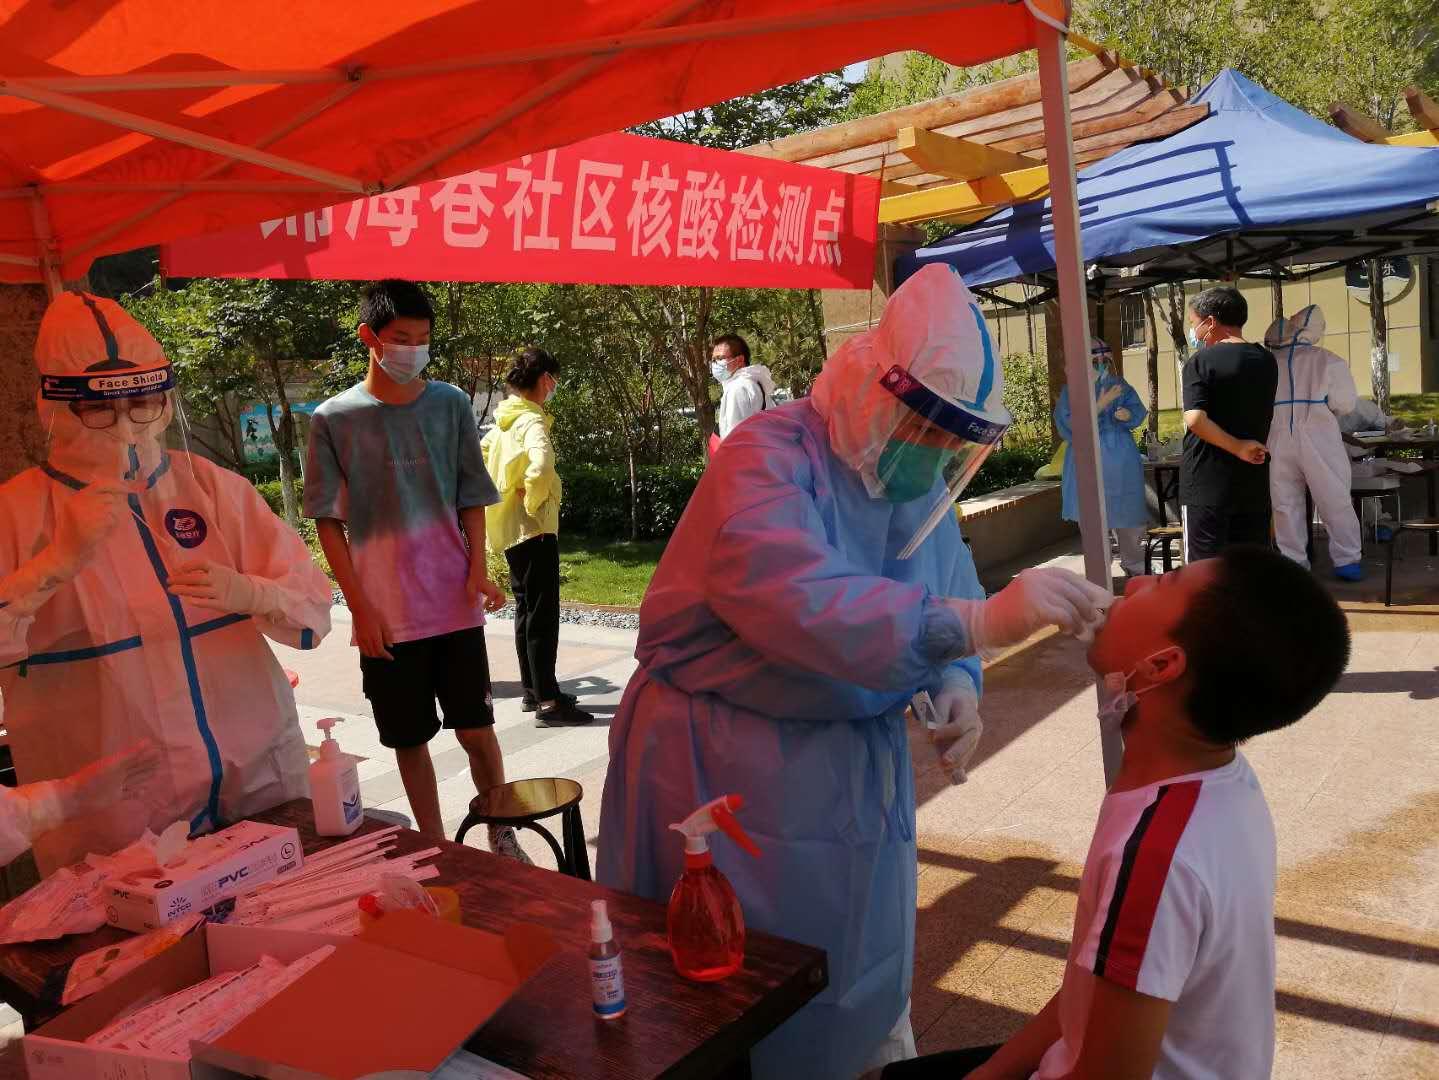 烏魯木齊錦海巷社區核酸檢測點,此前發現確診病例的蘇香台壹號小區位於該社區。(網絡圖片)